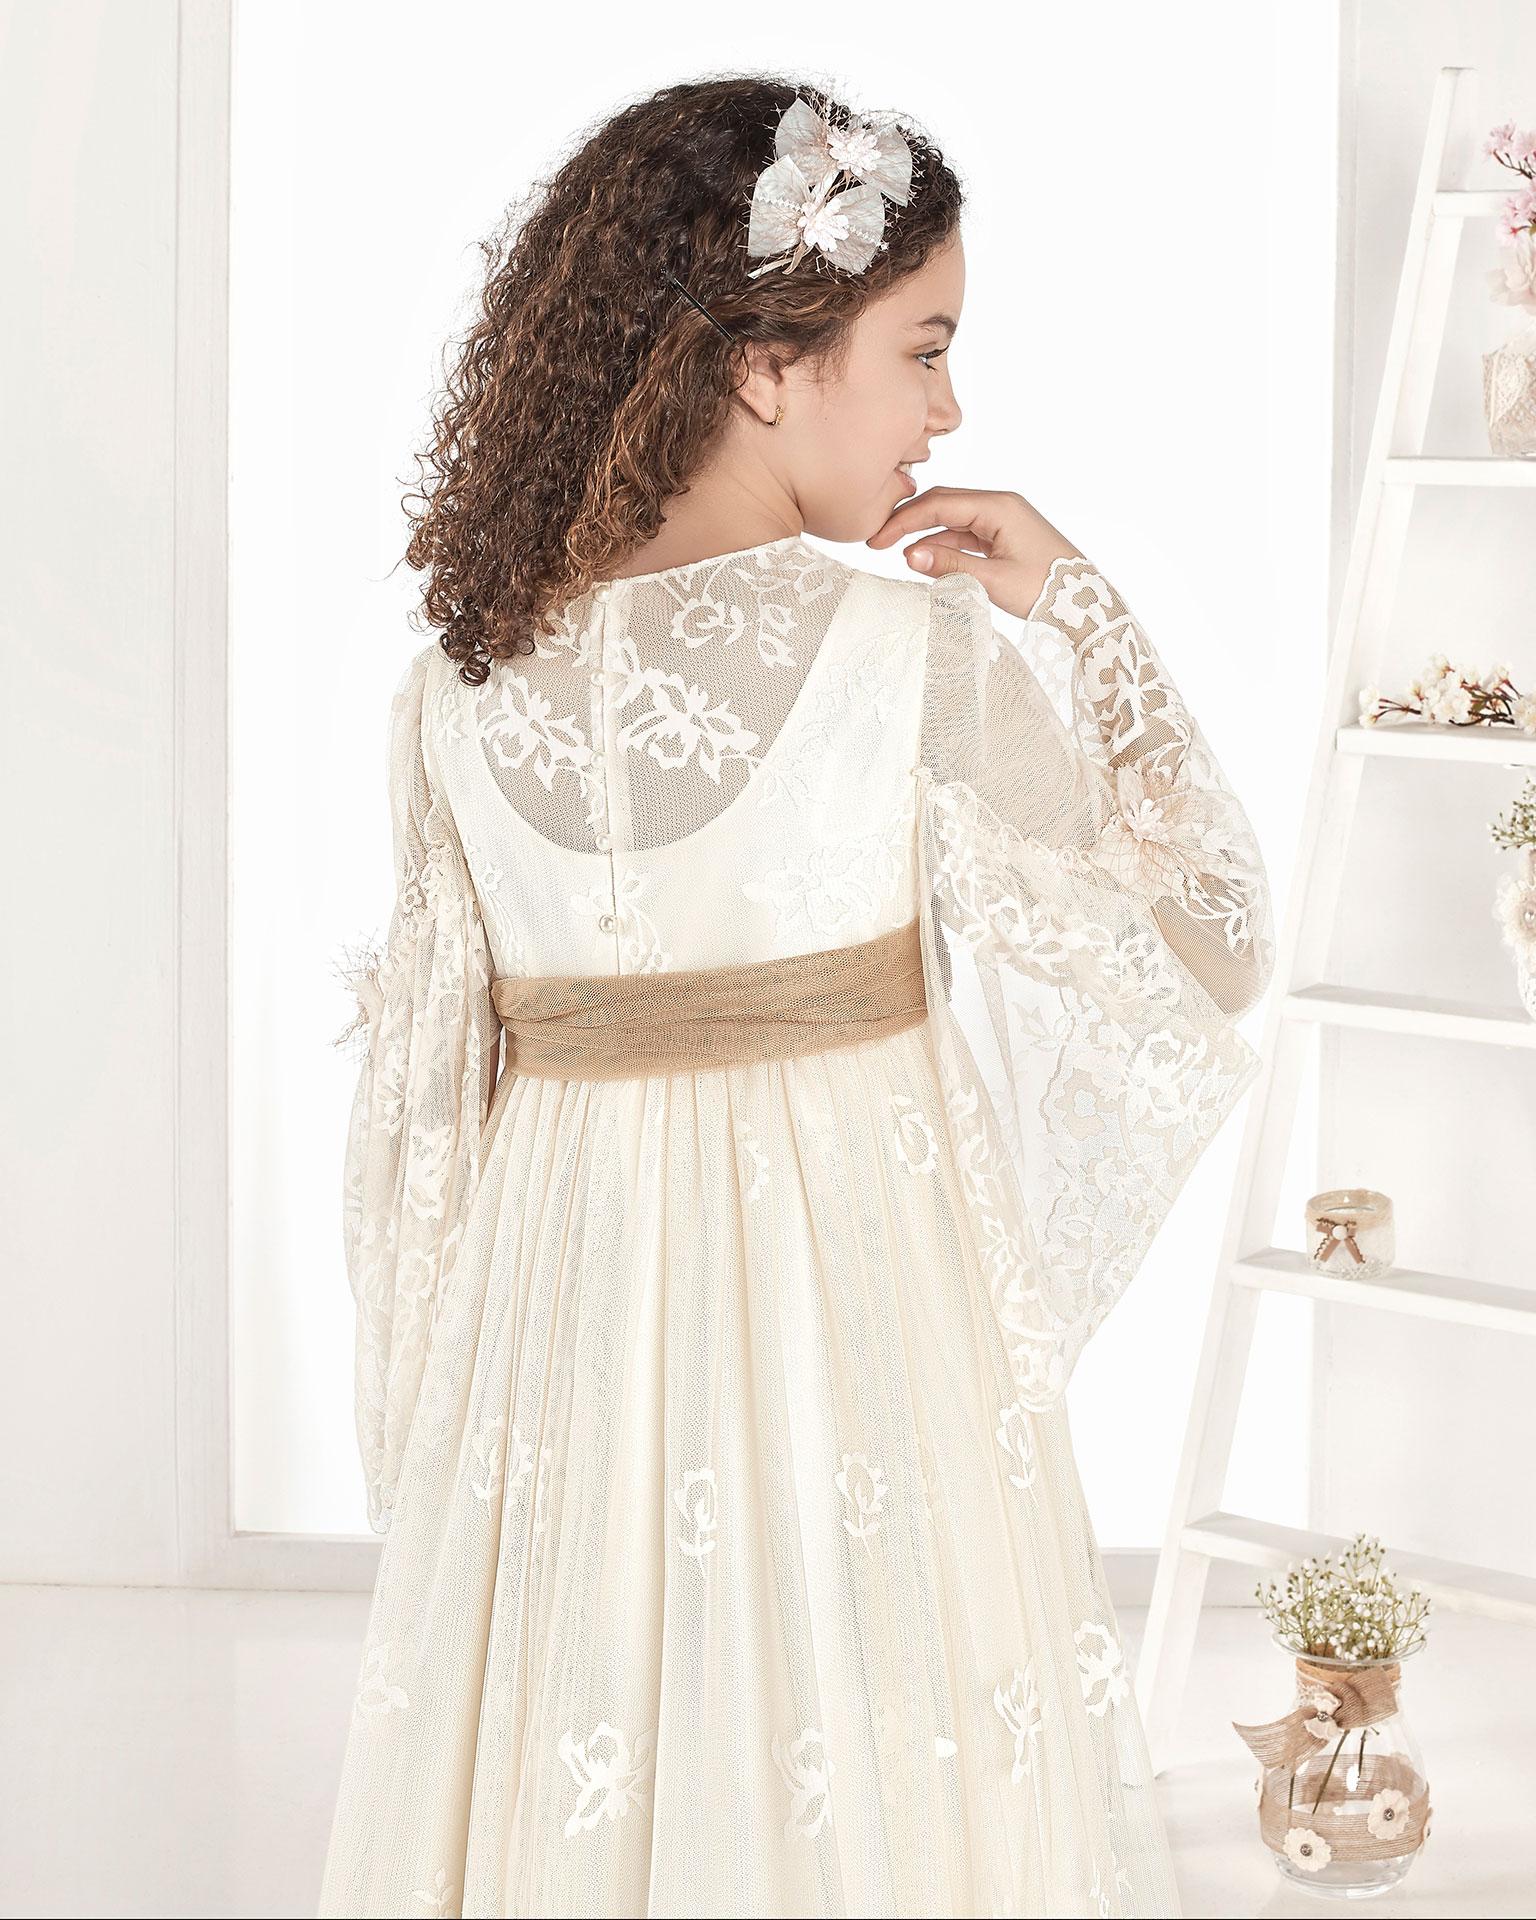 Vestido de primeira comunhão estilo vintage de tule estampado. De corte império. Disponível em cor marfim. Coleção AIRE COMUNION 2019.